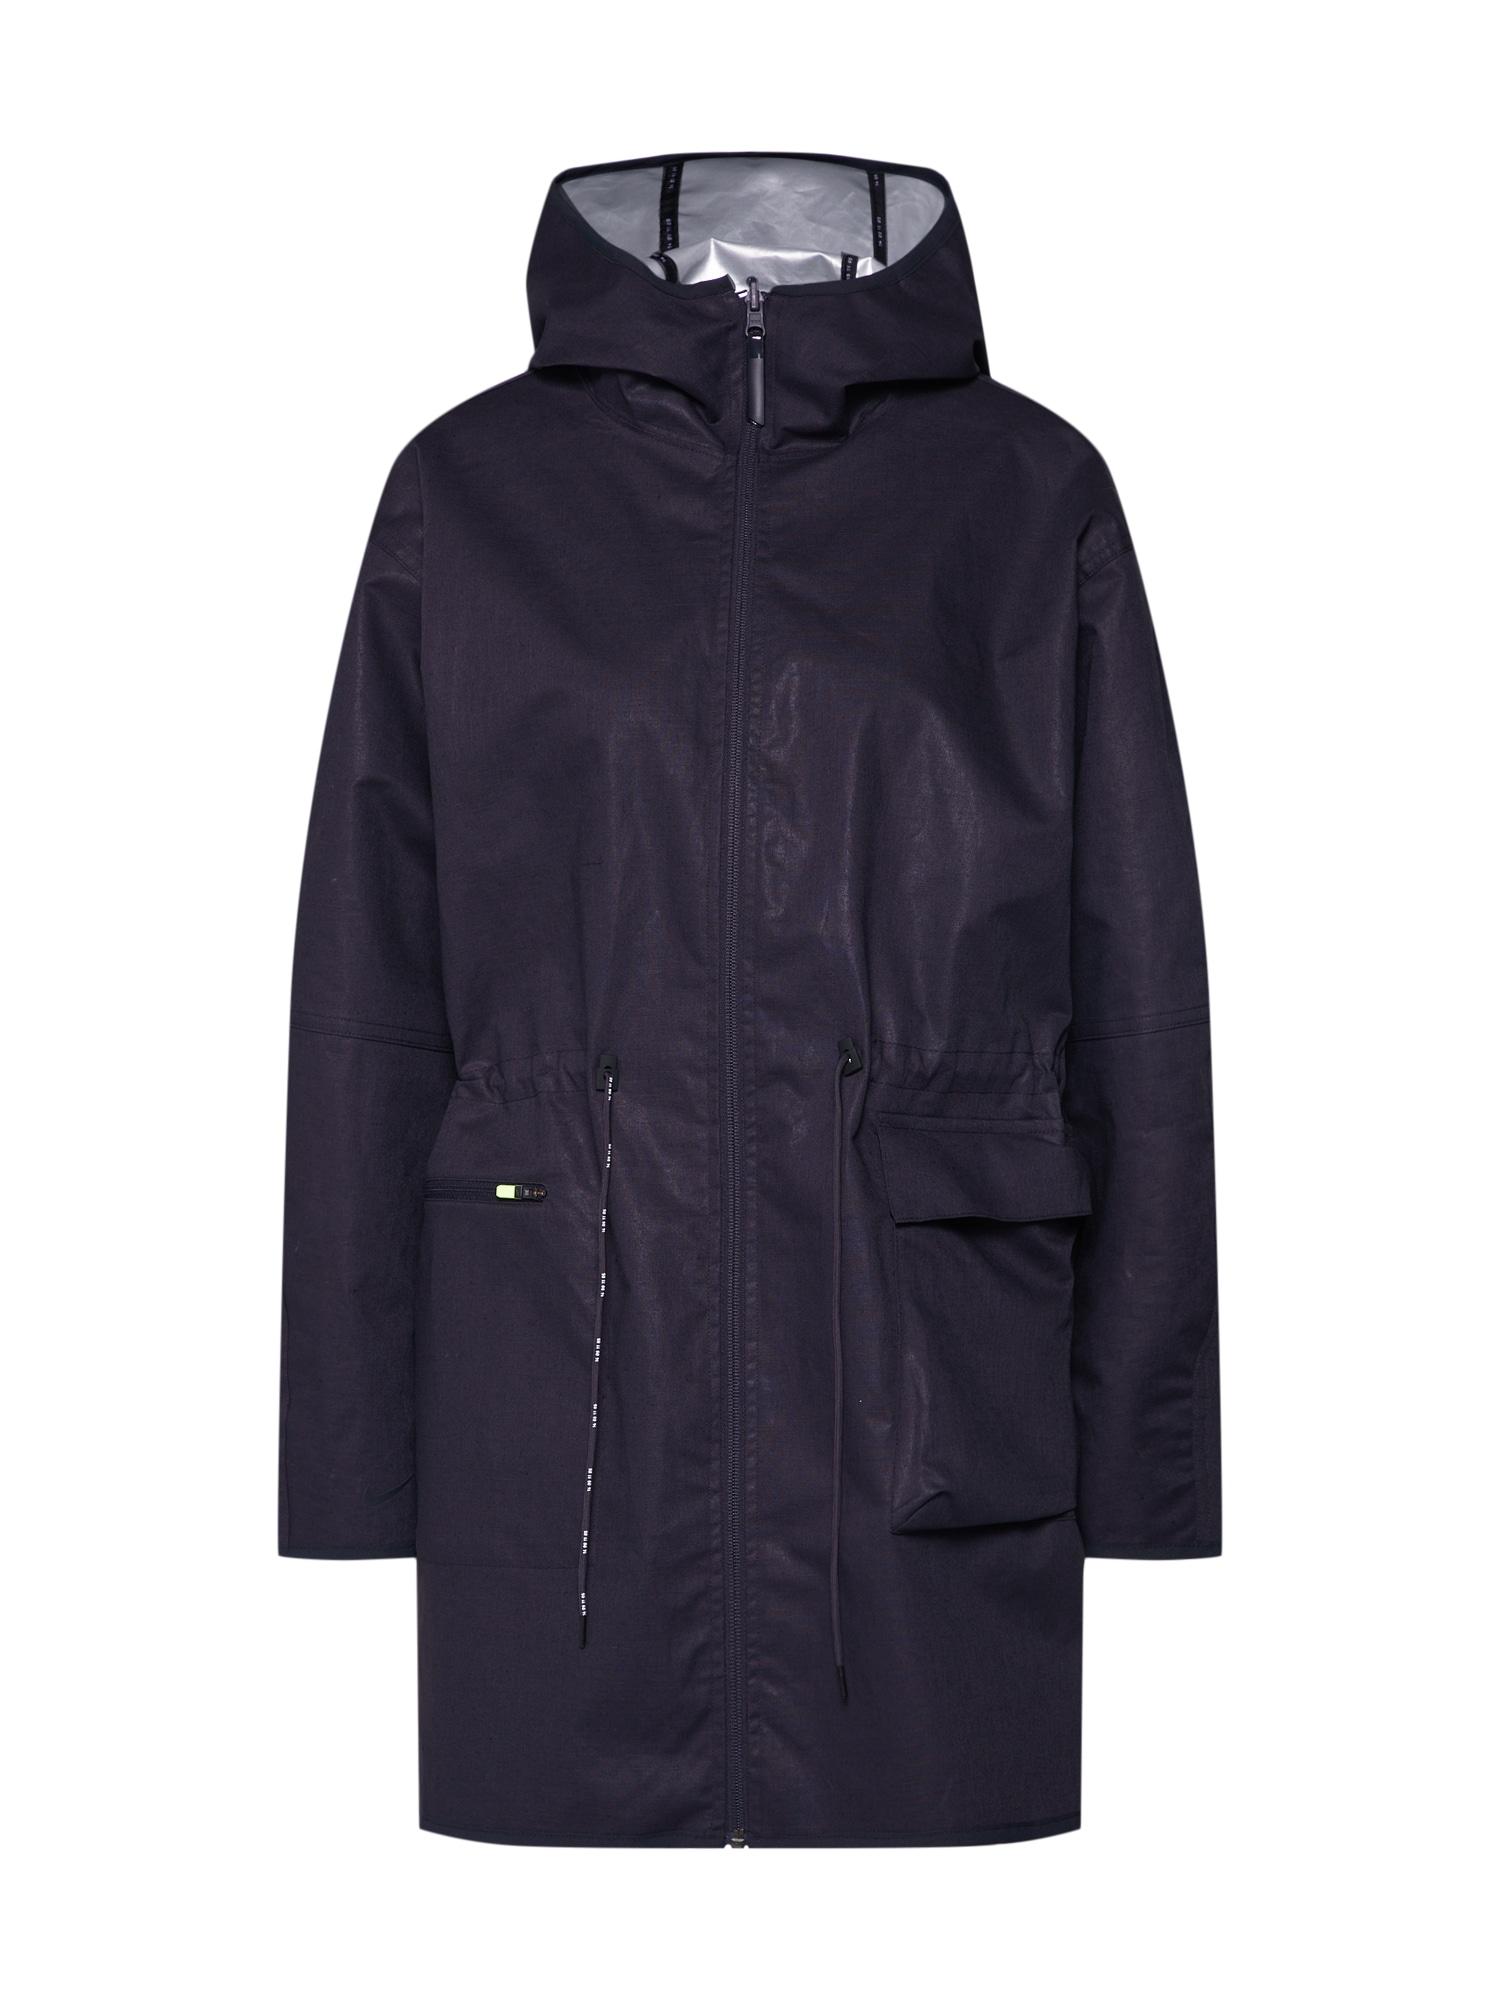 Přechodný kabát TCH PCK černá stříbrná Nike Sportswear